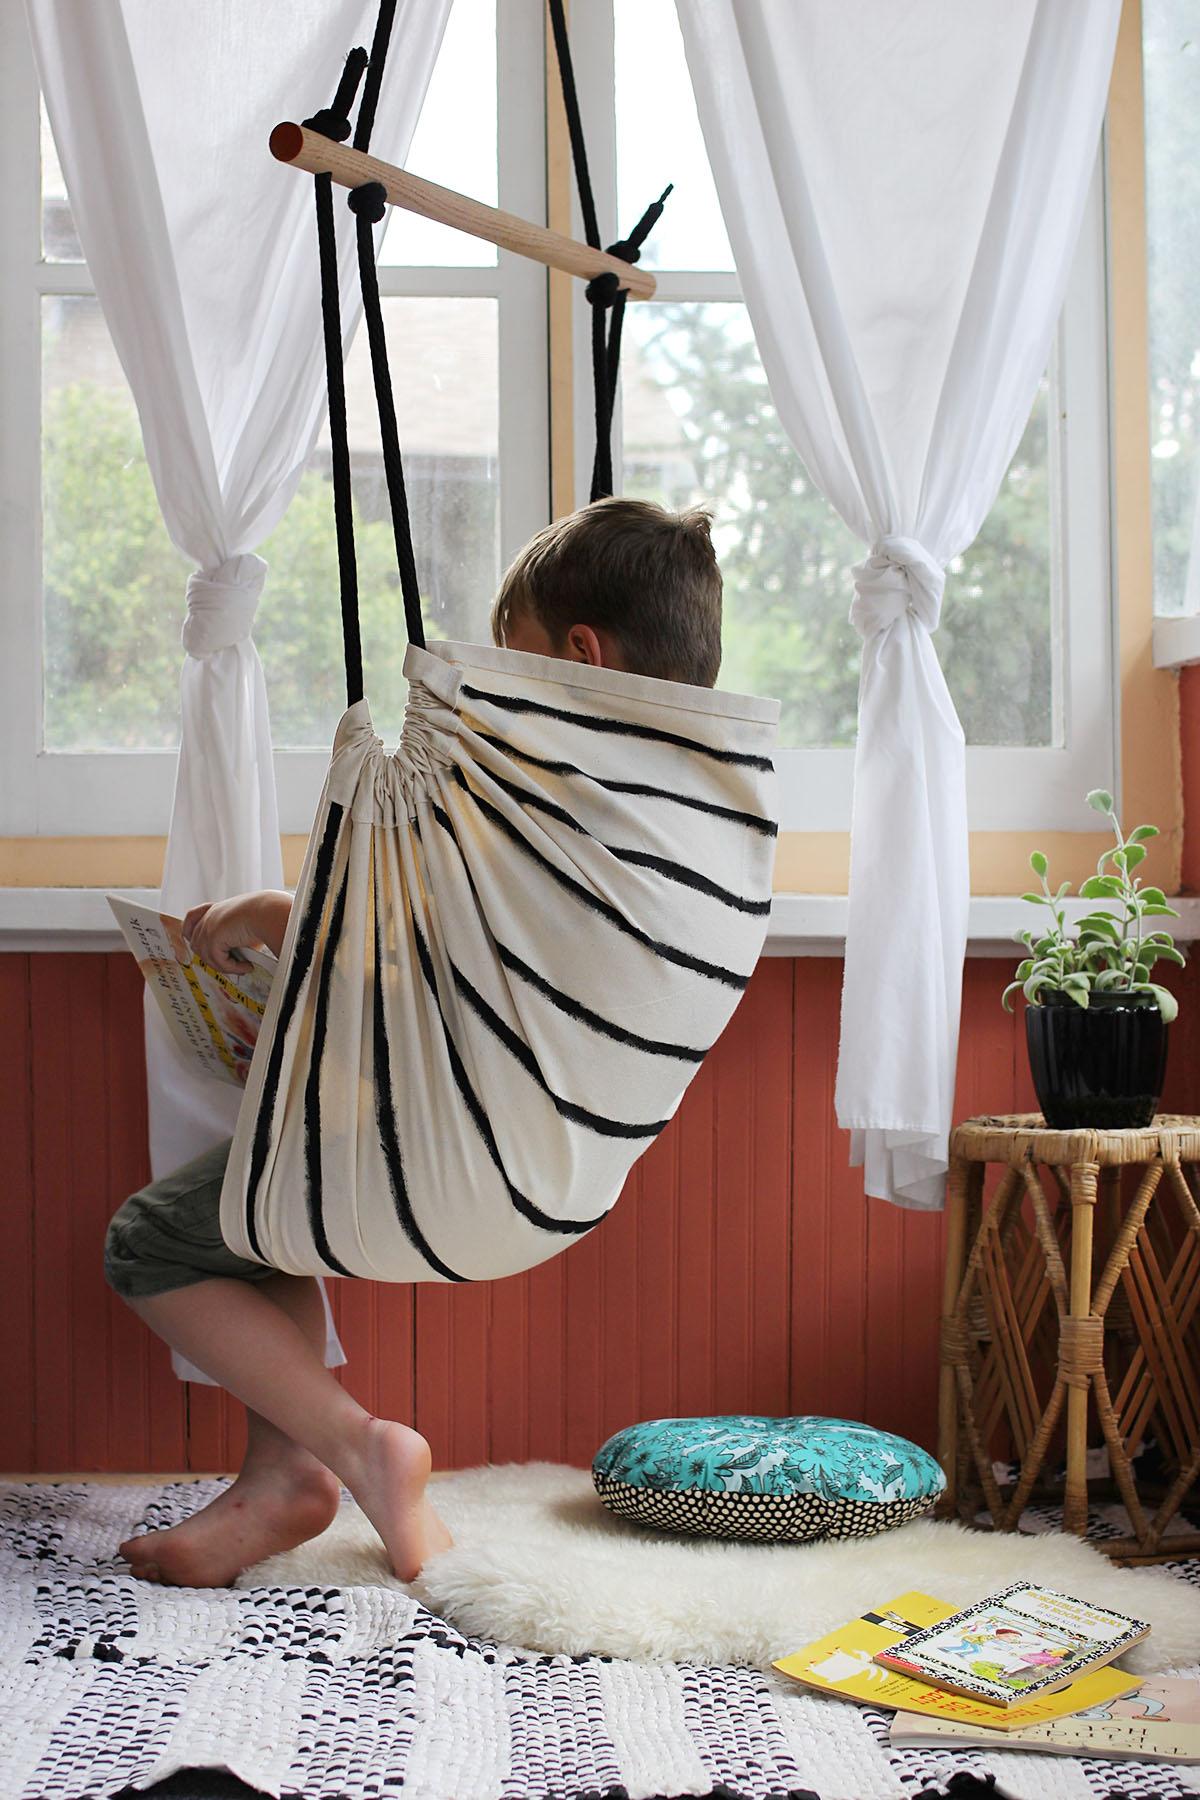 Кресло-гамак подвесное из ткани своими руками